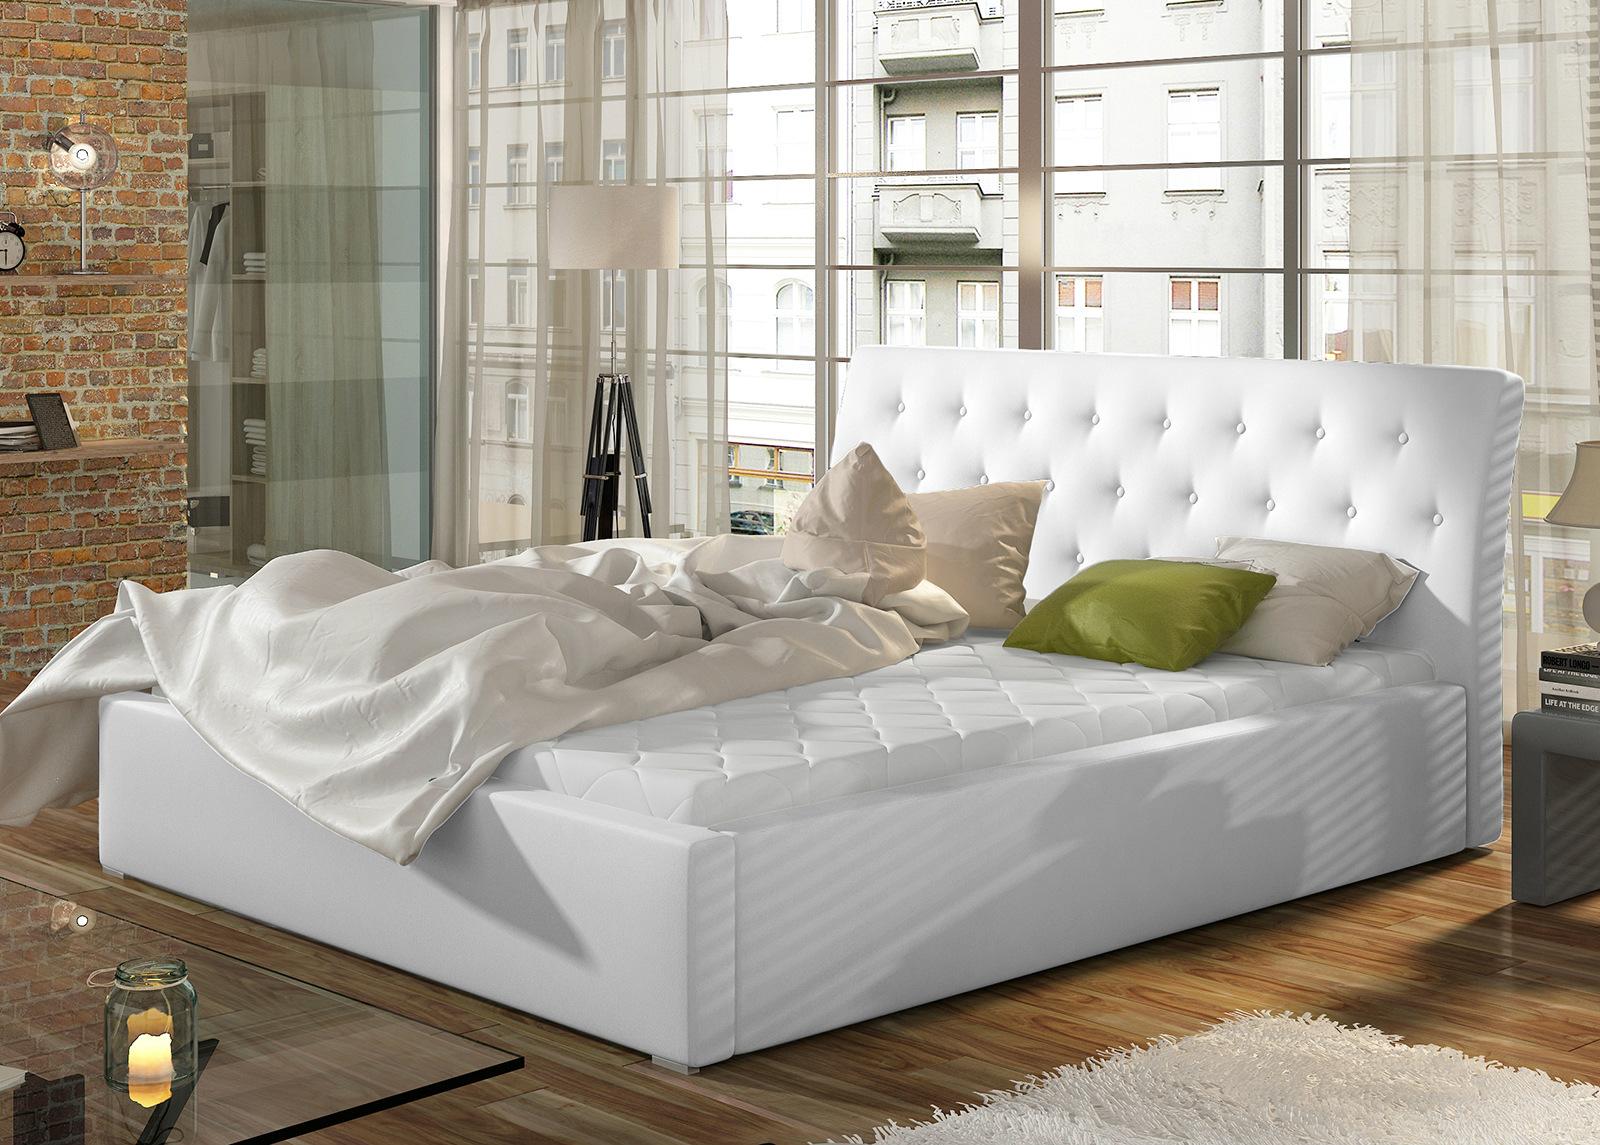 Sänky vuodevaatalaatikolla 200x200 cm